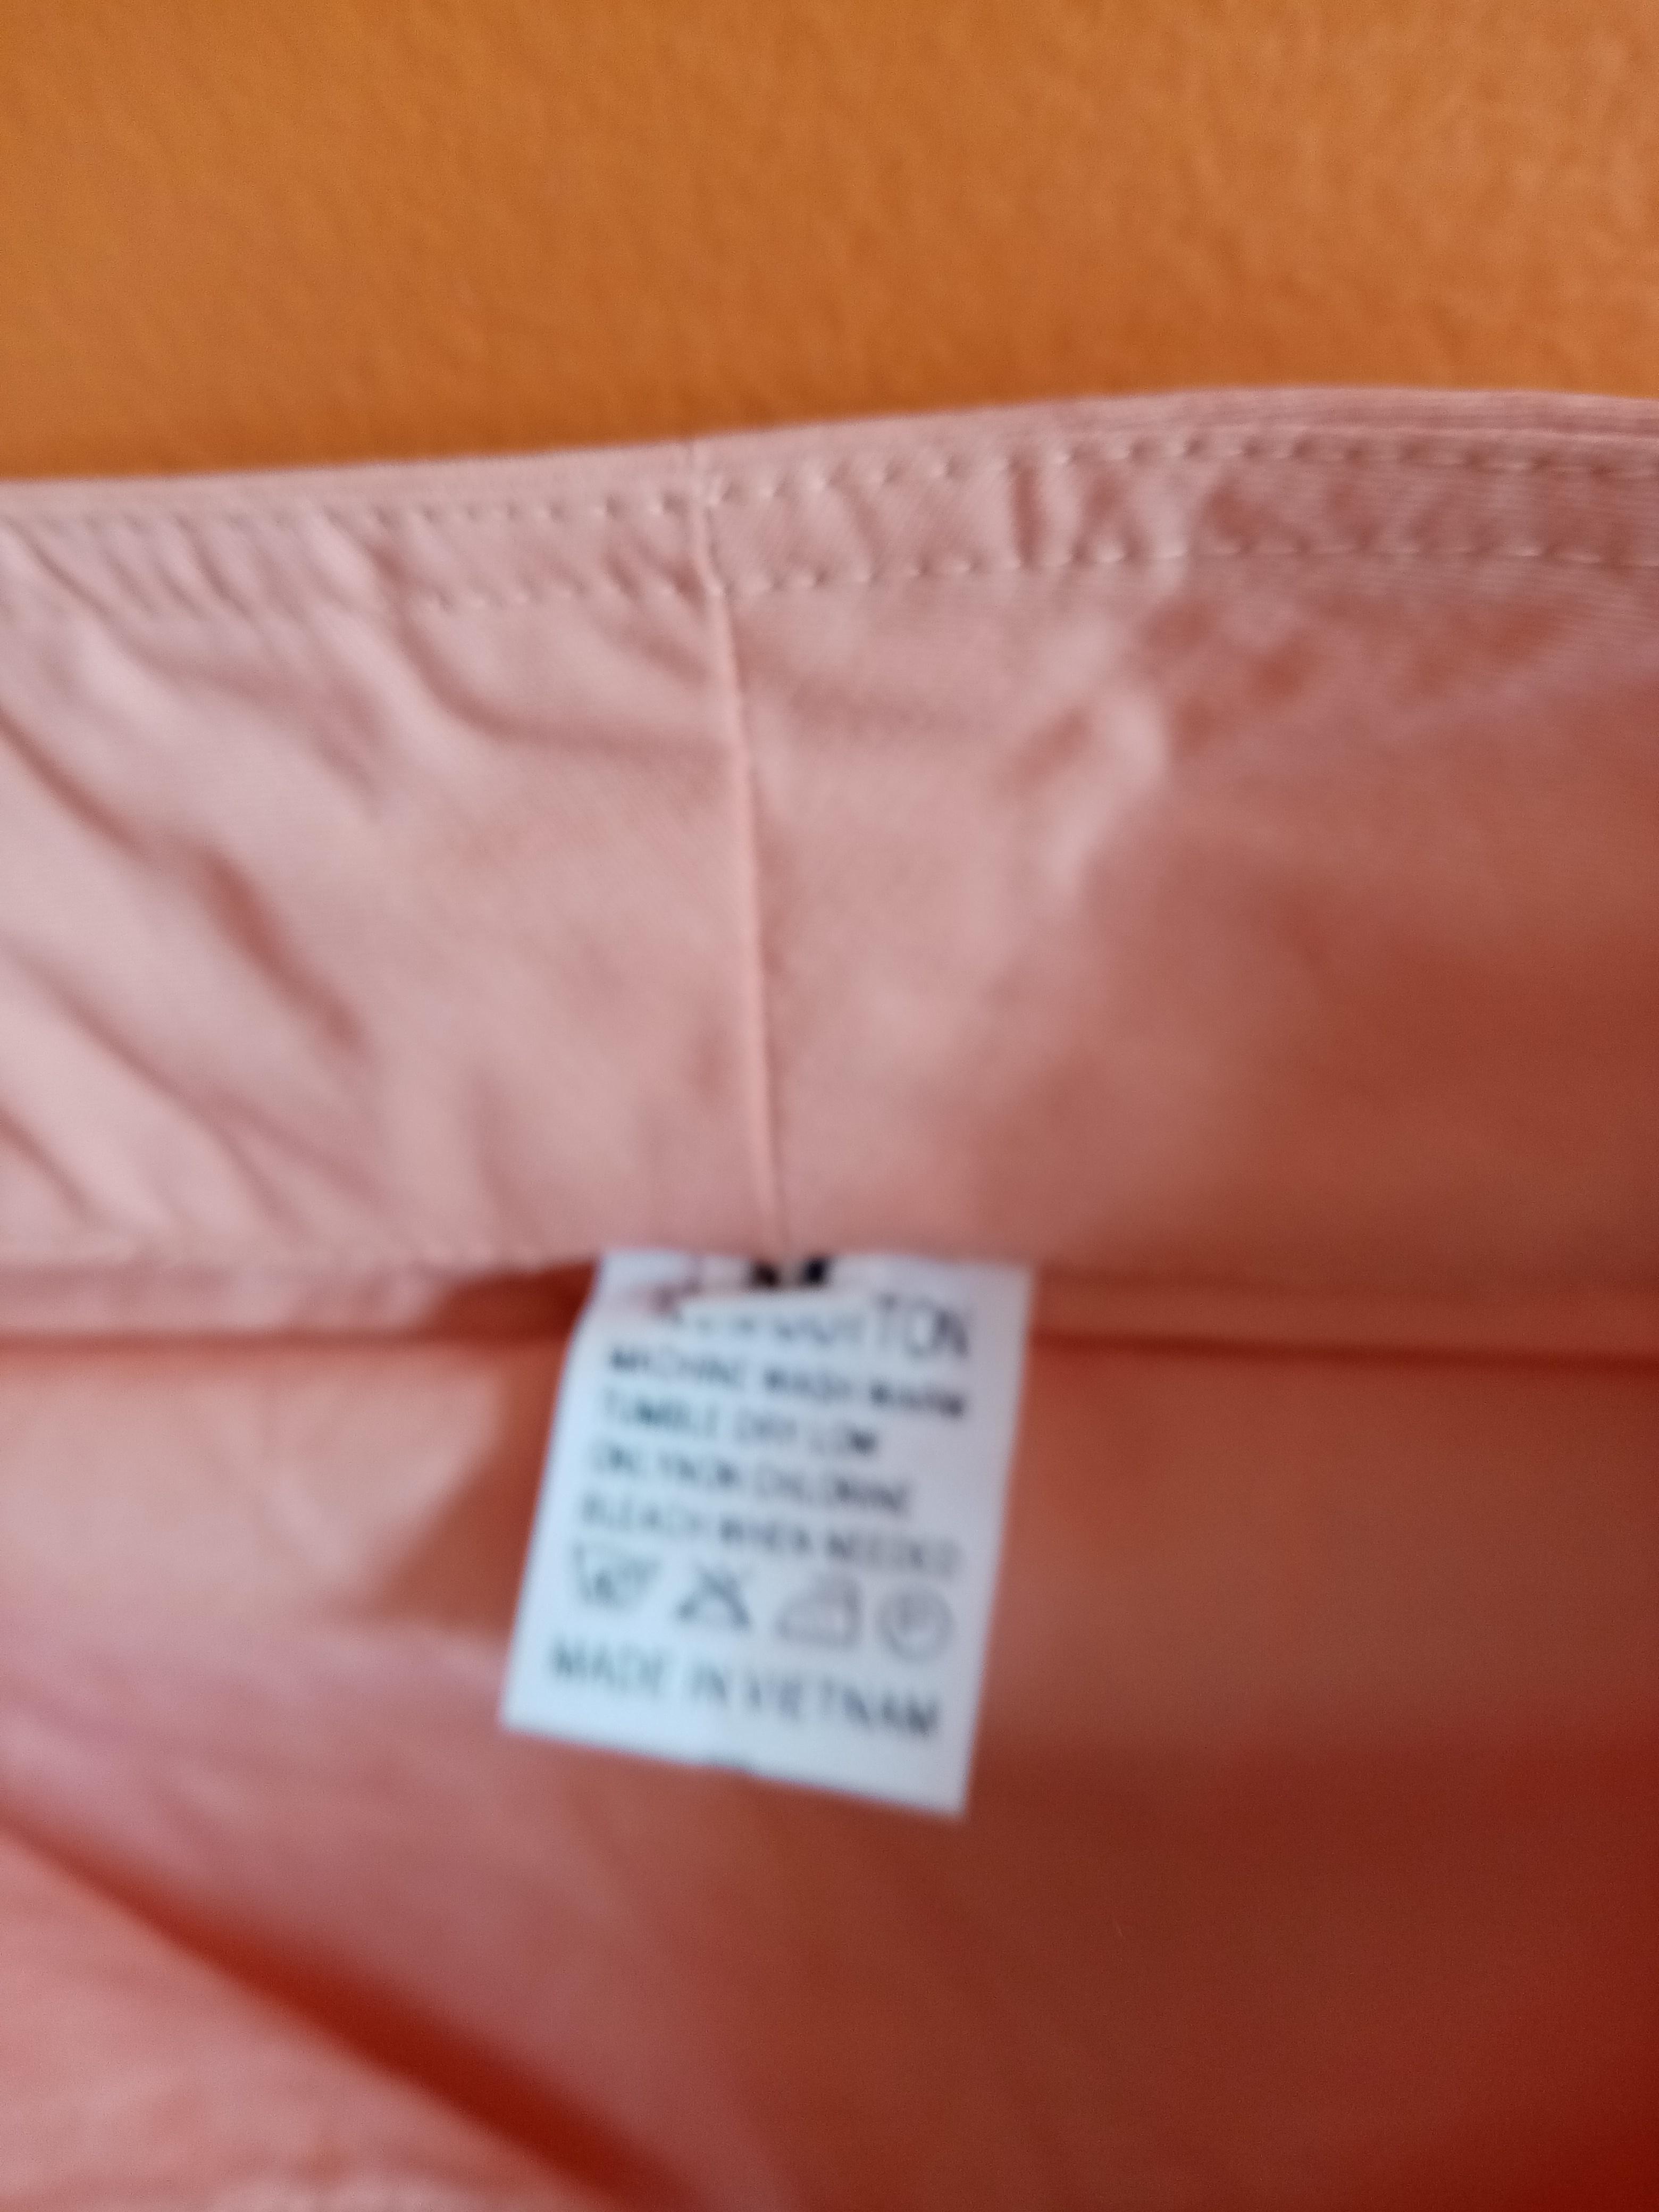 troc de troc blouse en cotton image 1